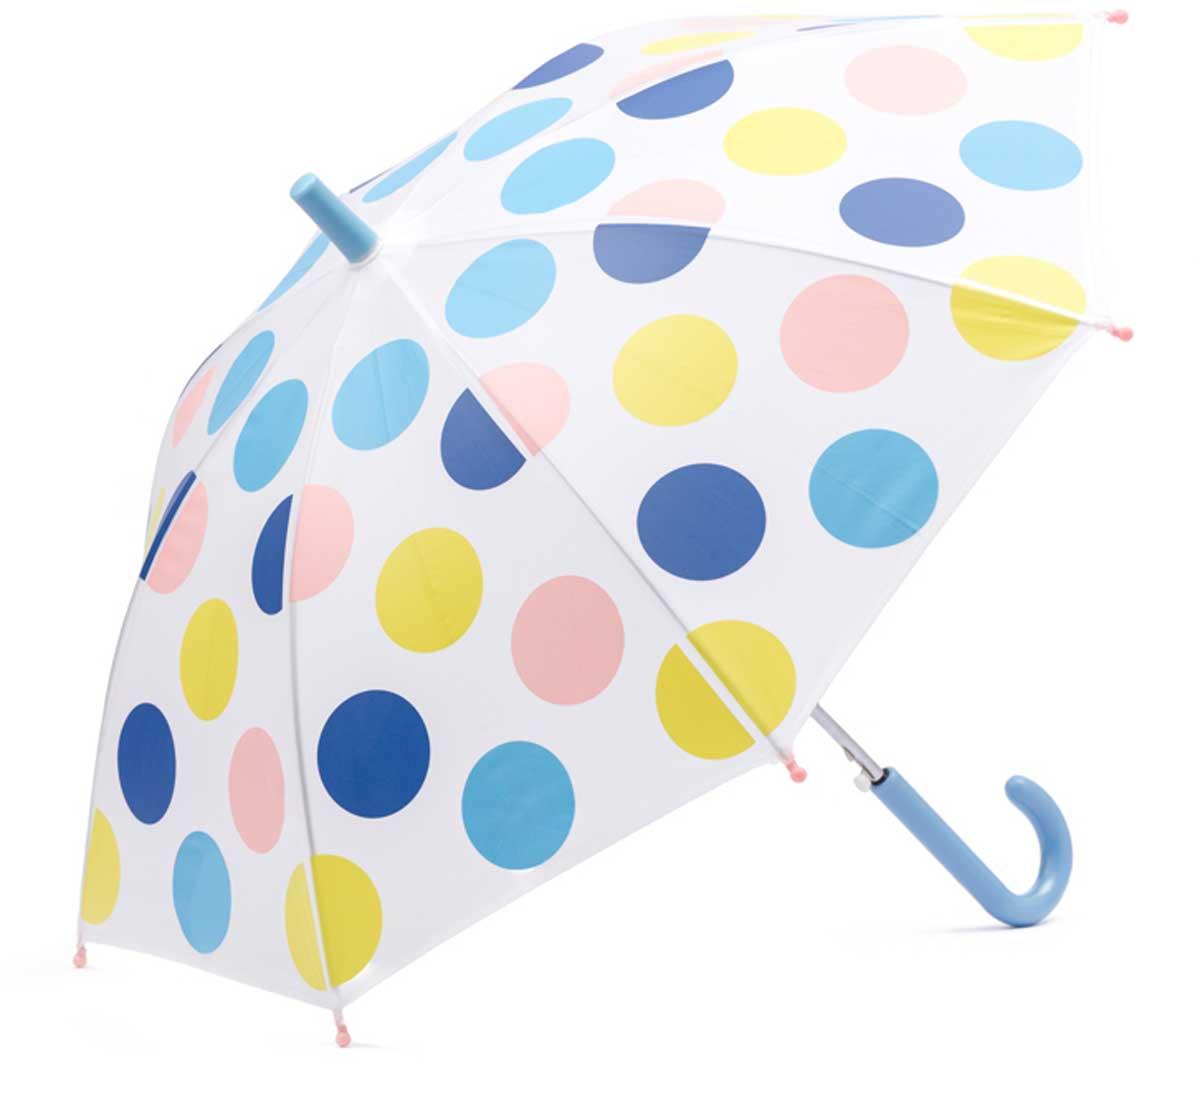 Зонт для девочки PlayToday, цвет: белый, синий, голубой, розовый, салатовый. 178702. Размер 41.5Браслет с подвескамиЭтот зонтик обязательно понравится Вашему ребенку! Оснащен специальной безопасной системой открывания и закрывания. Материал каркаса ветроустойчивый. Концы спиц снабжены пластмассовыми наконечниками для защиты от травм. Такой зонт идеально подойдет для прогулок в дождливую погоду.